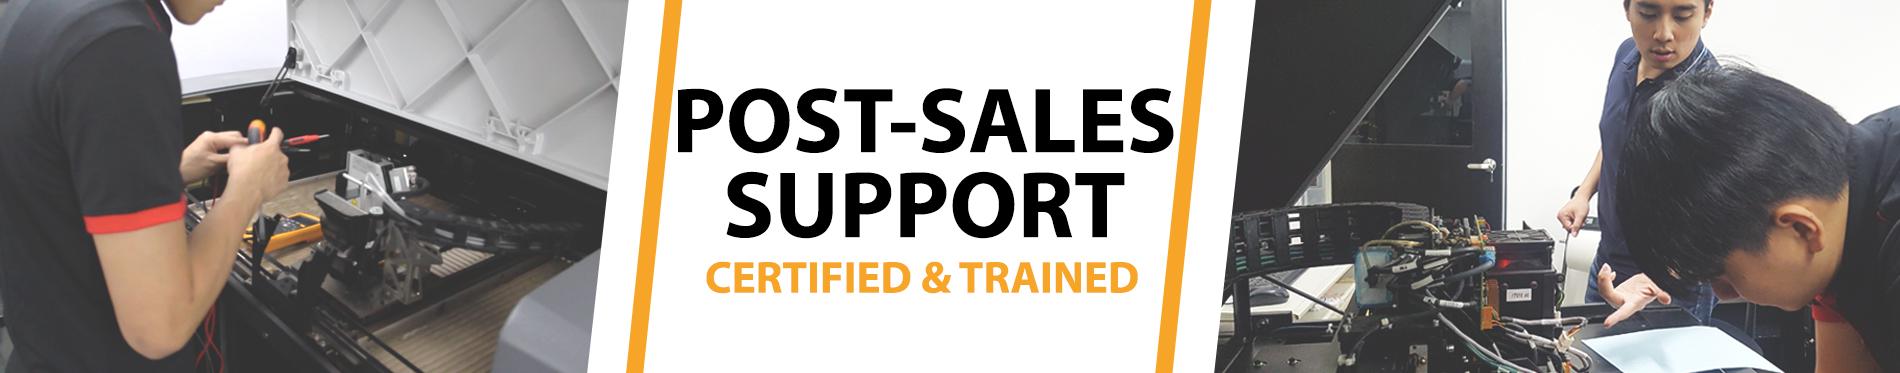 creatz3d post-sales support